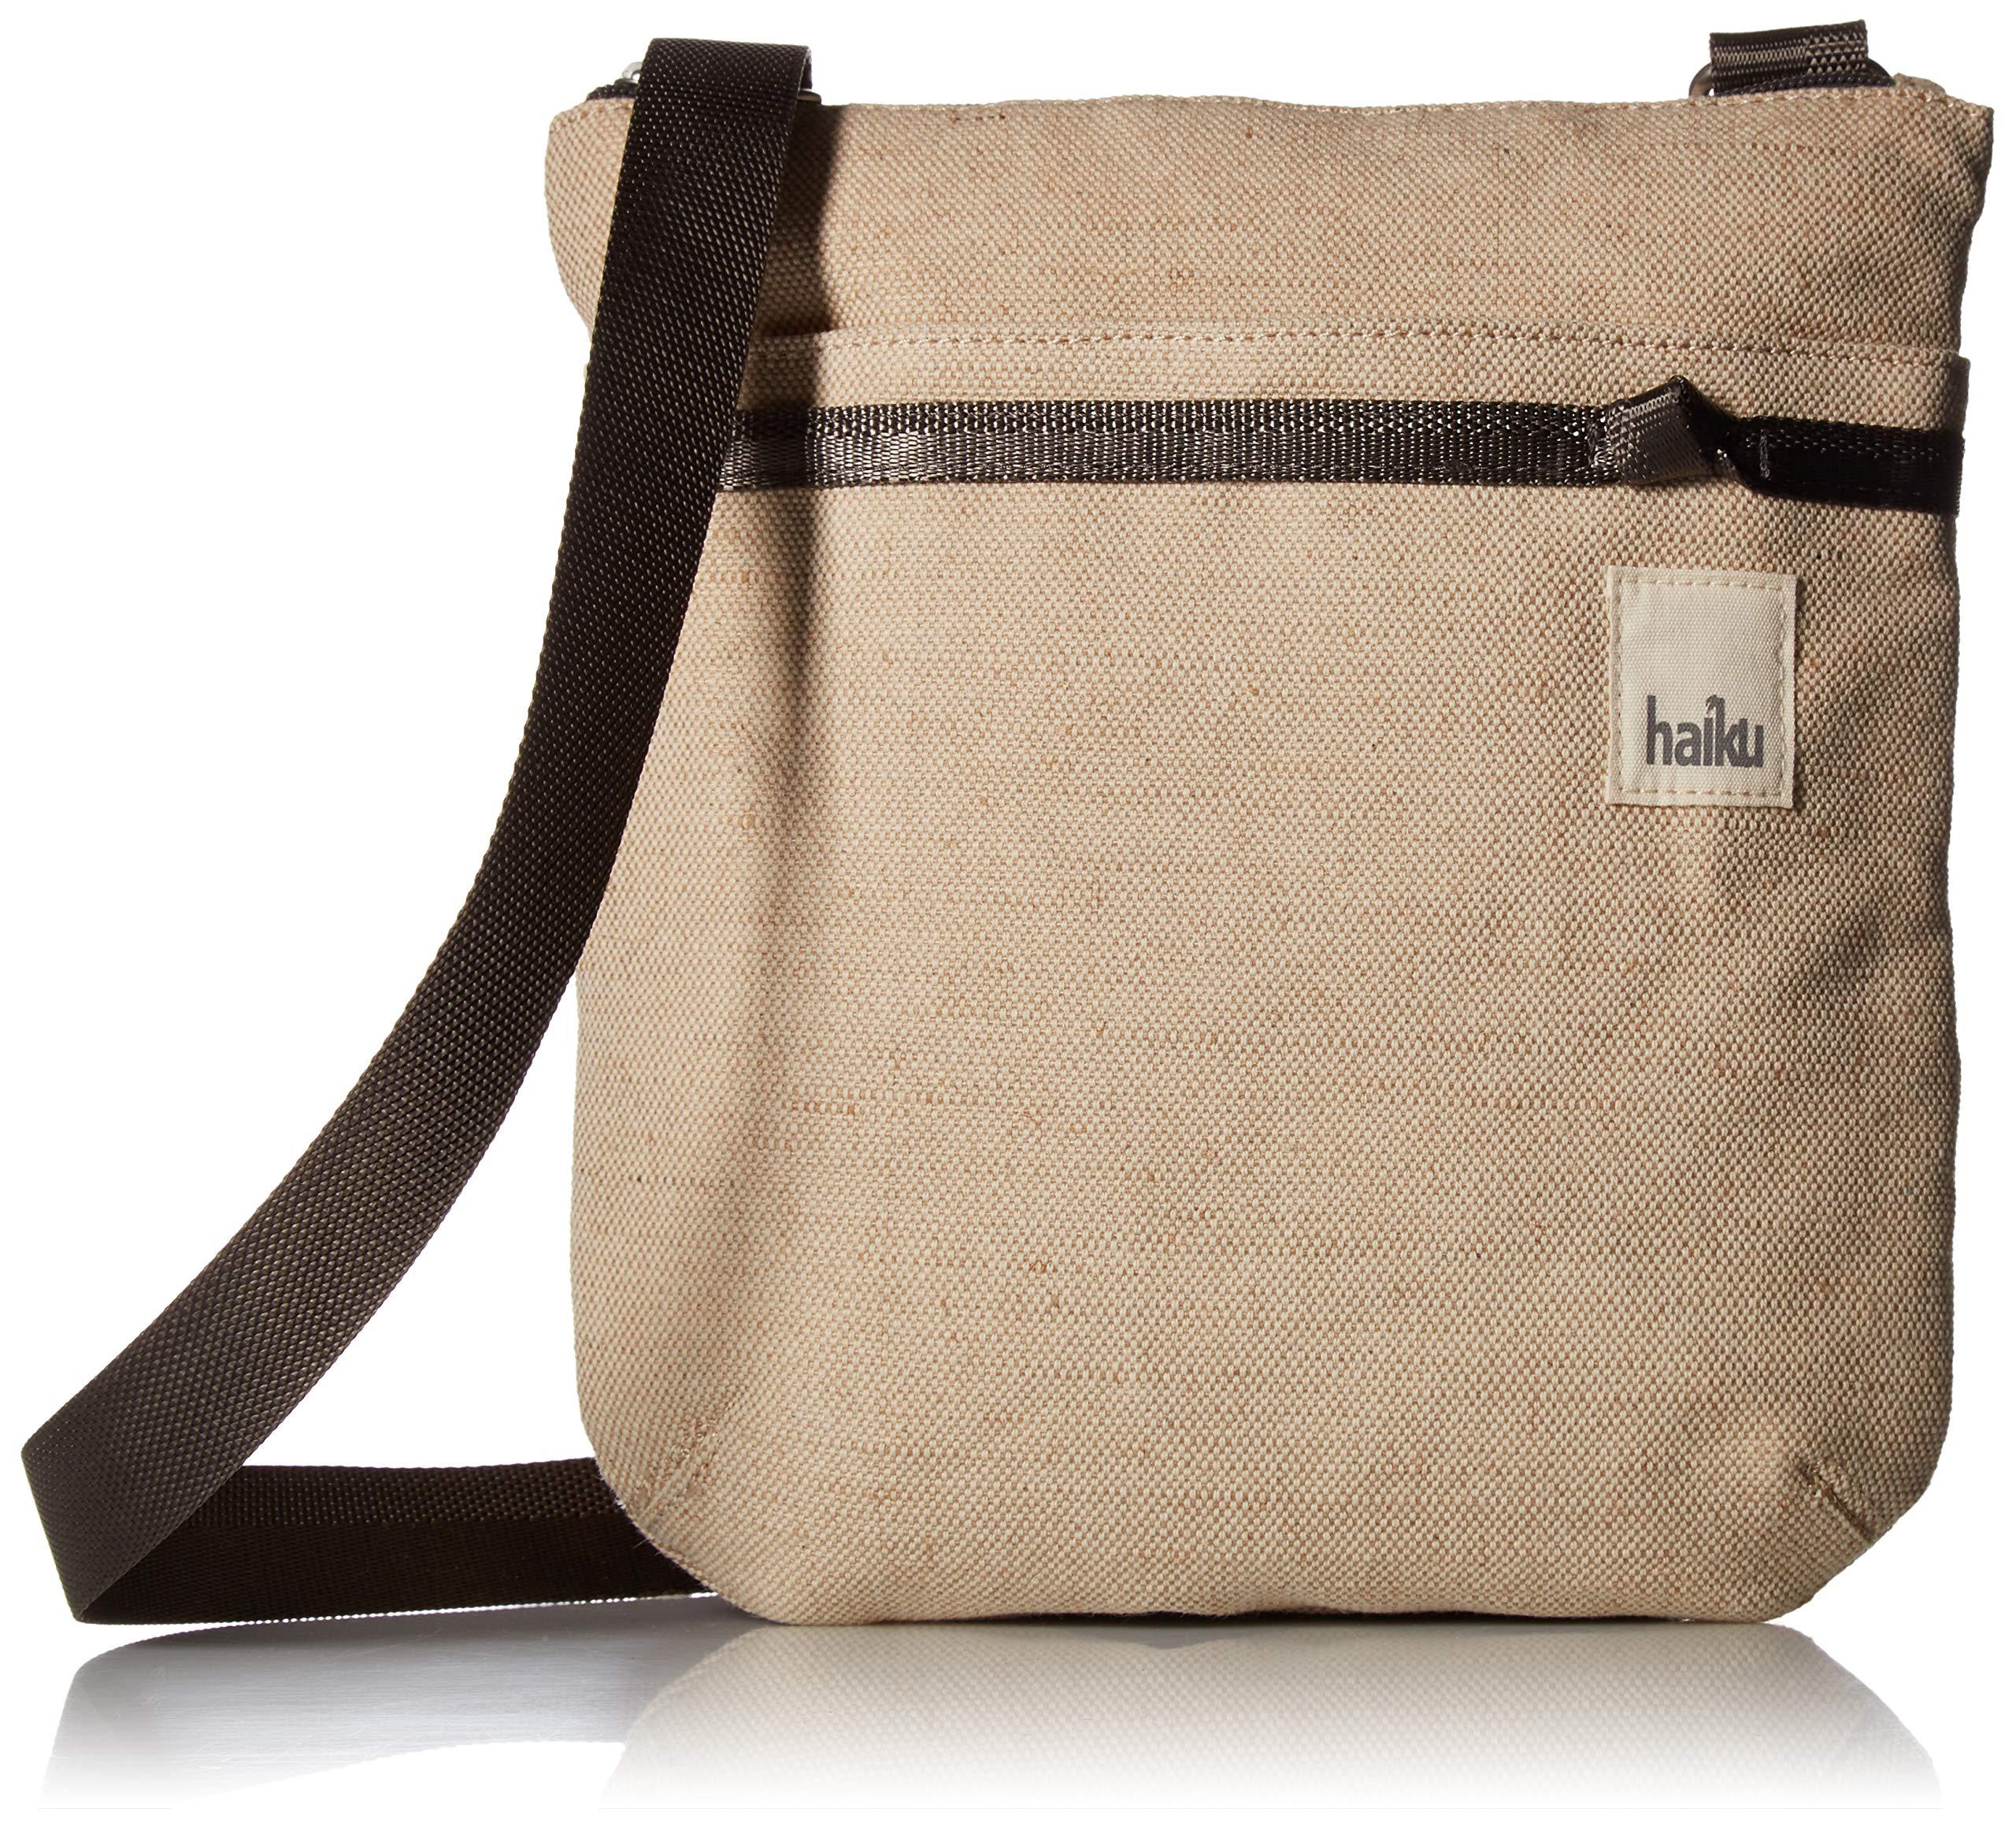 Haiku Revel RFID Crossbody Bag, Hemp Cotton